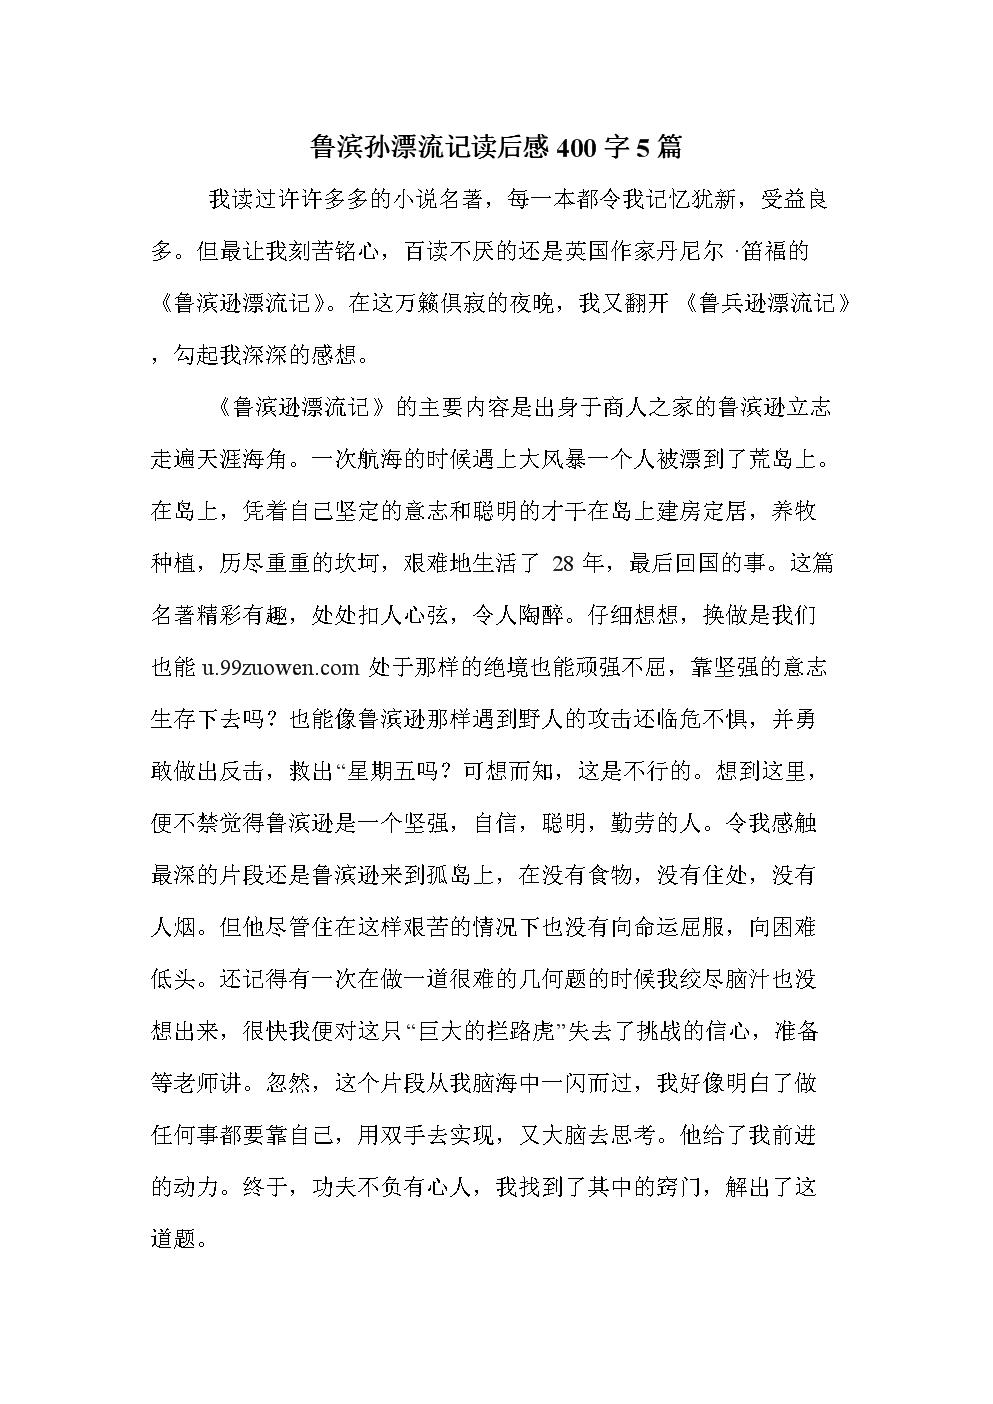 鲁滨孙漂流记读后感400字5篇 .doc